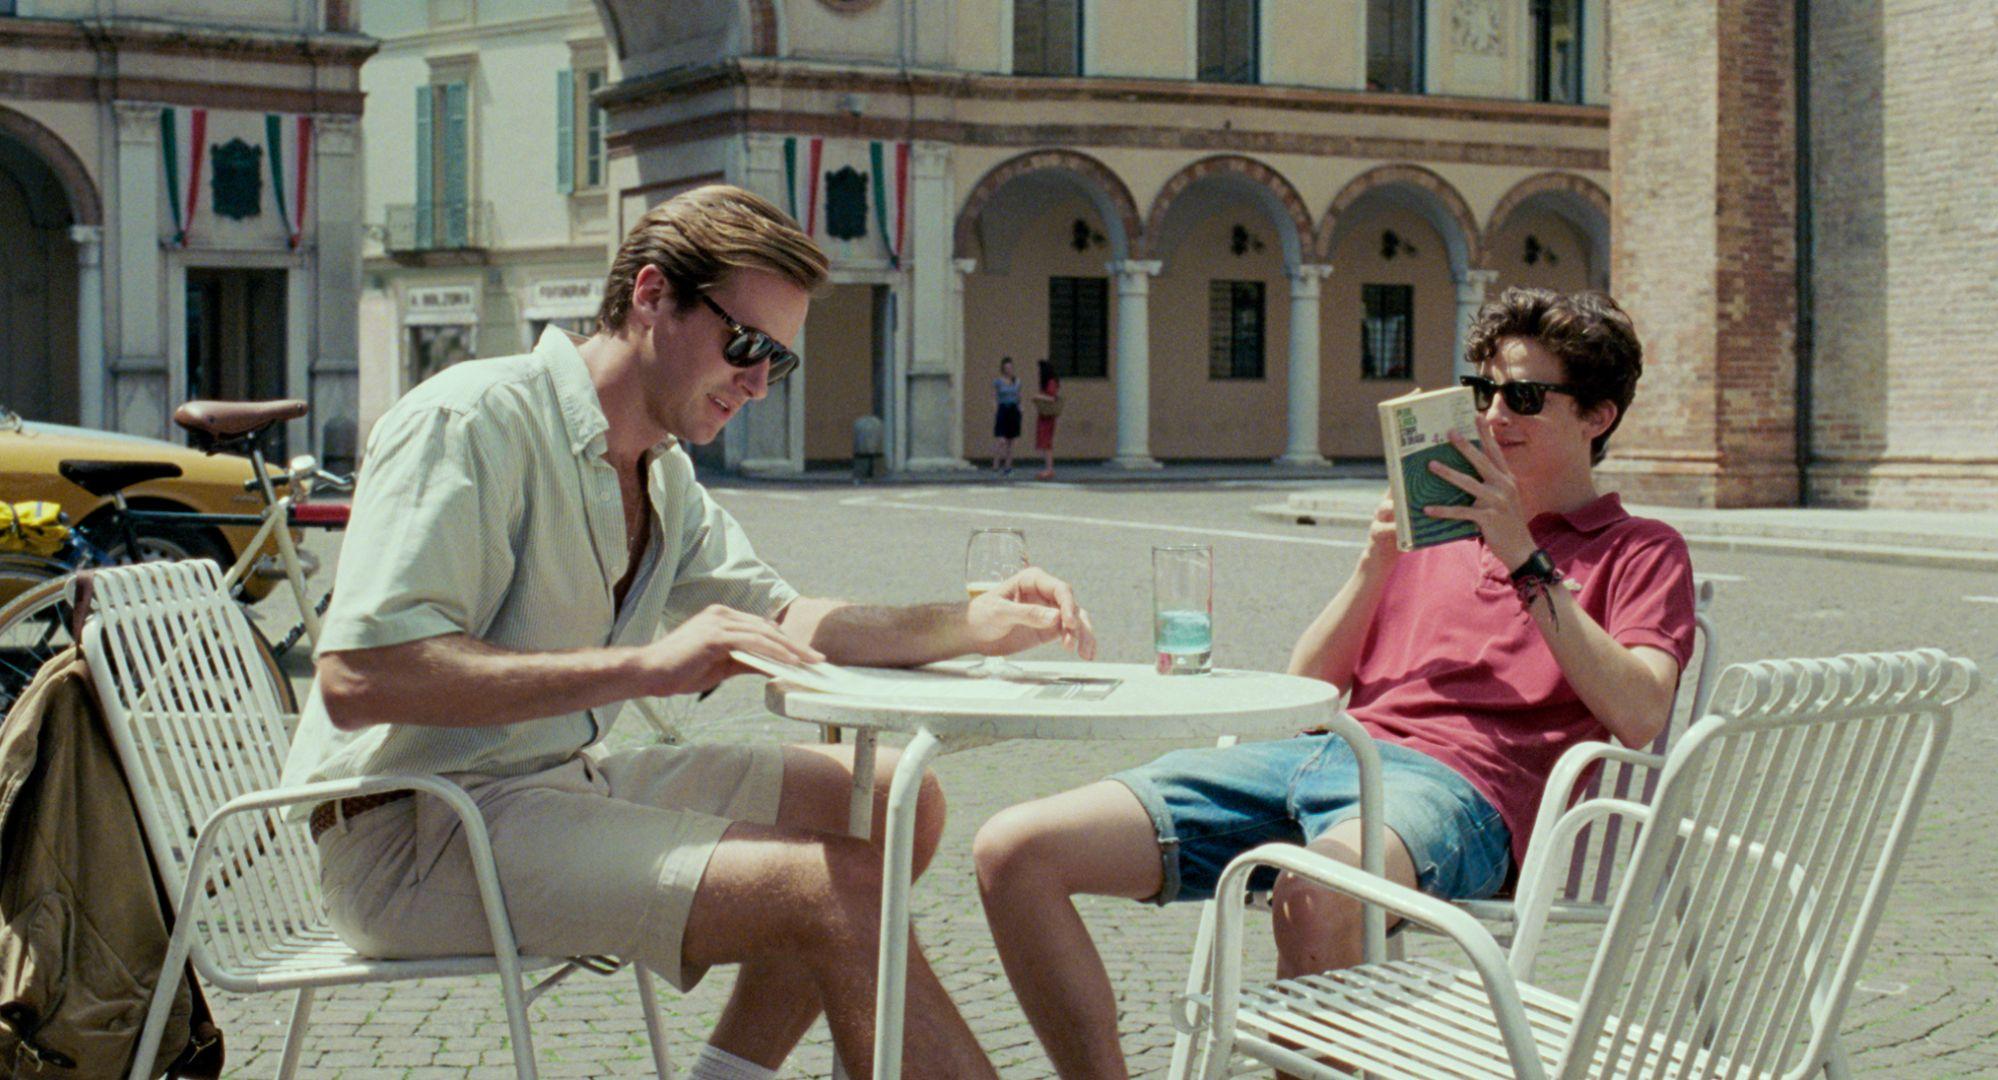 Mężczyzna i nastoletni chłopiec siedzą przy stoliku w miasteczku i czytają książki